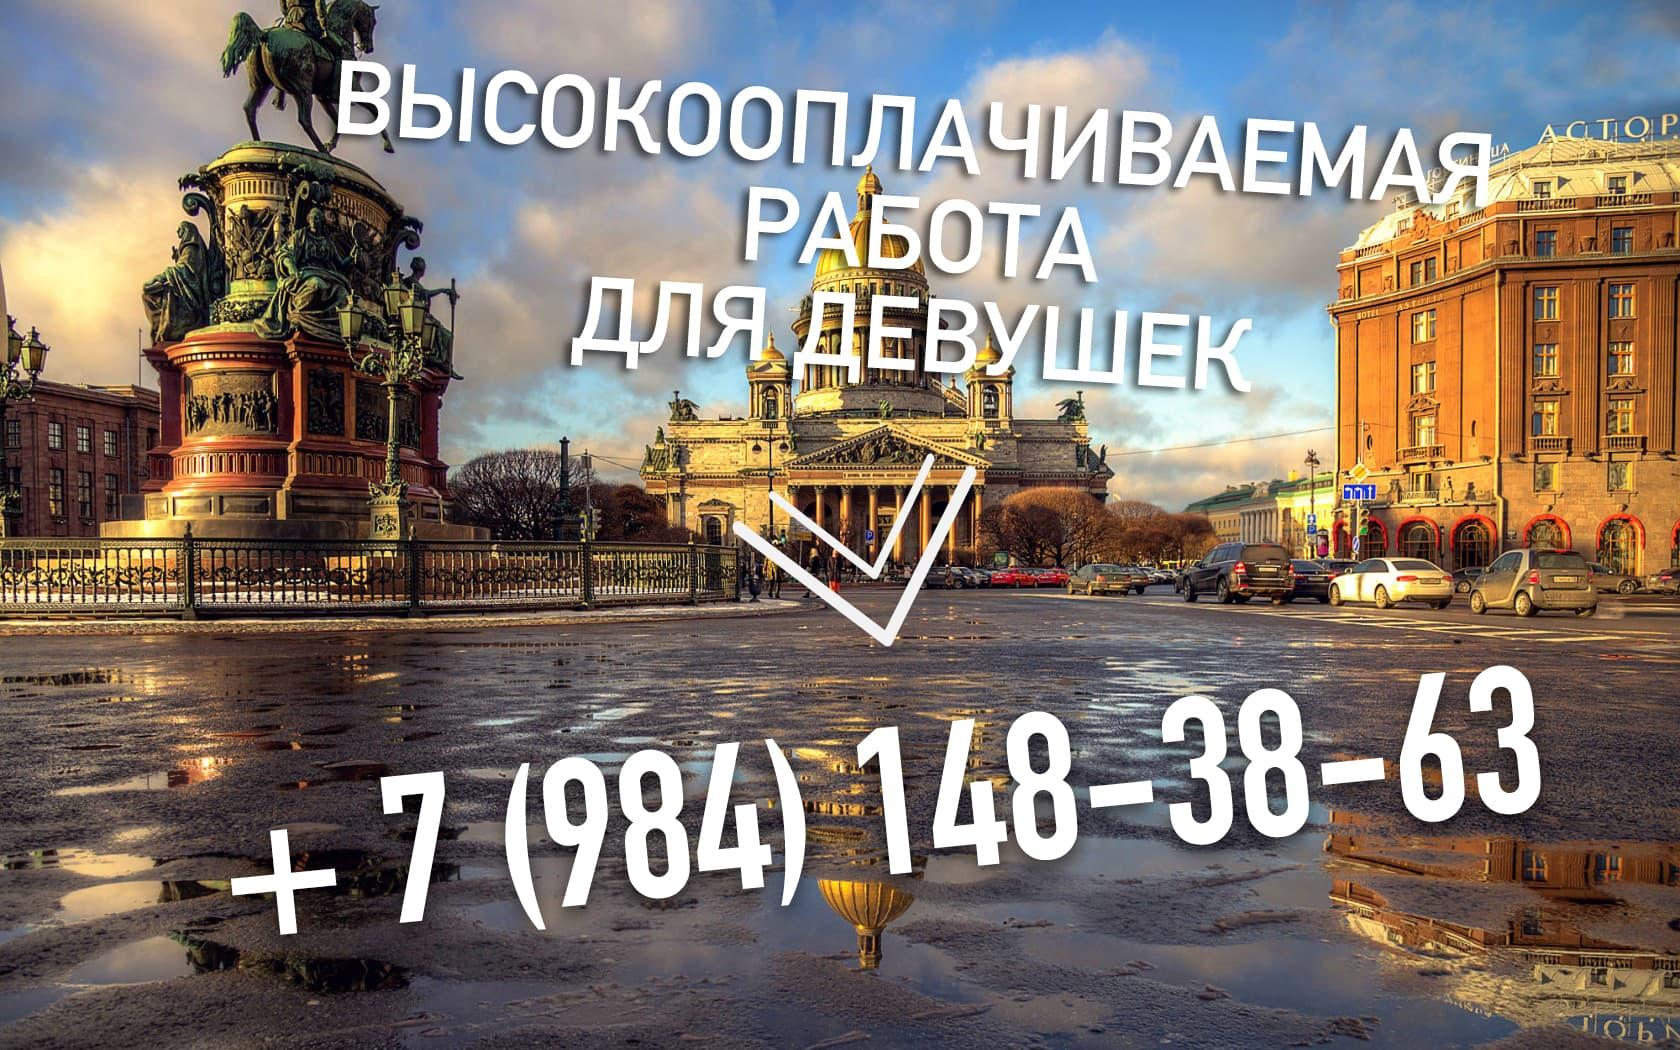 эскорт работа для девушек Санкт Петербург СПБ